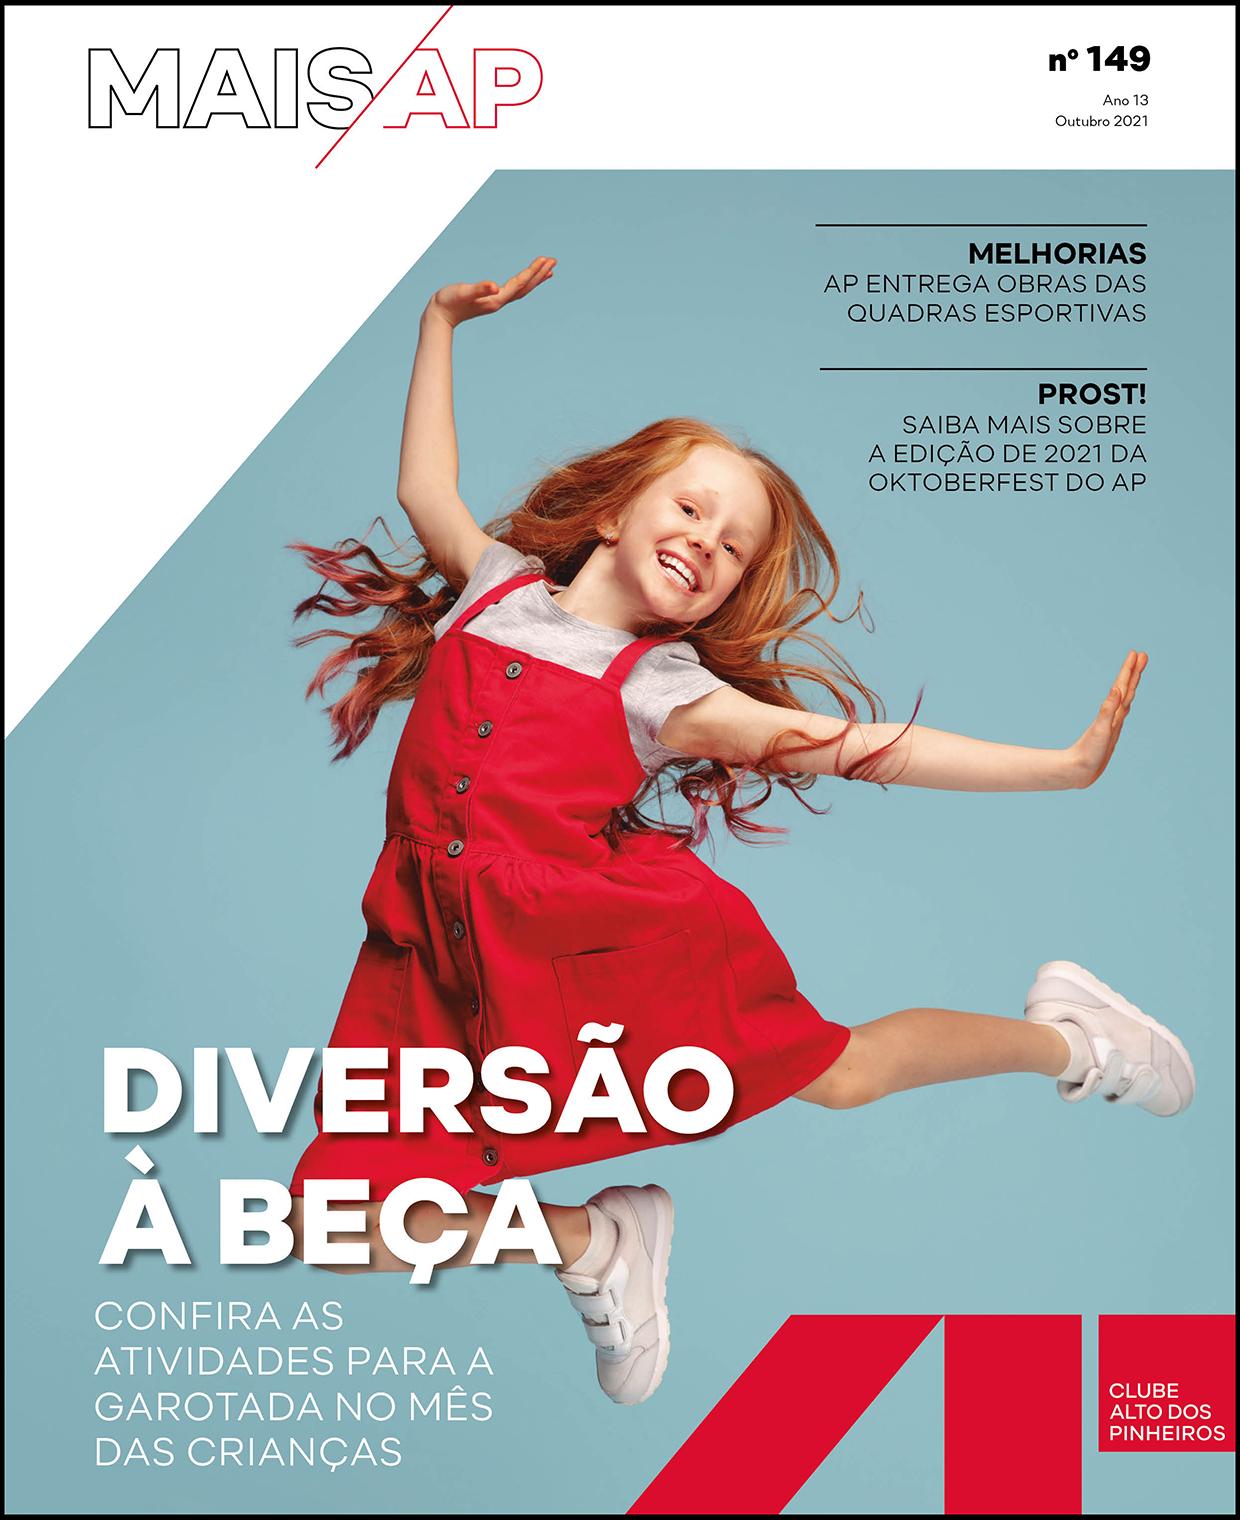 https://www.clubeap.com.br/wp-content/uploads/2021/09/maisap-149-capa.jpg